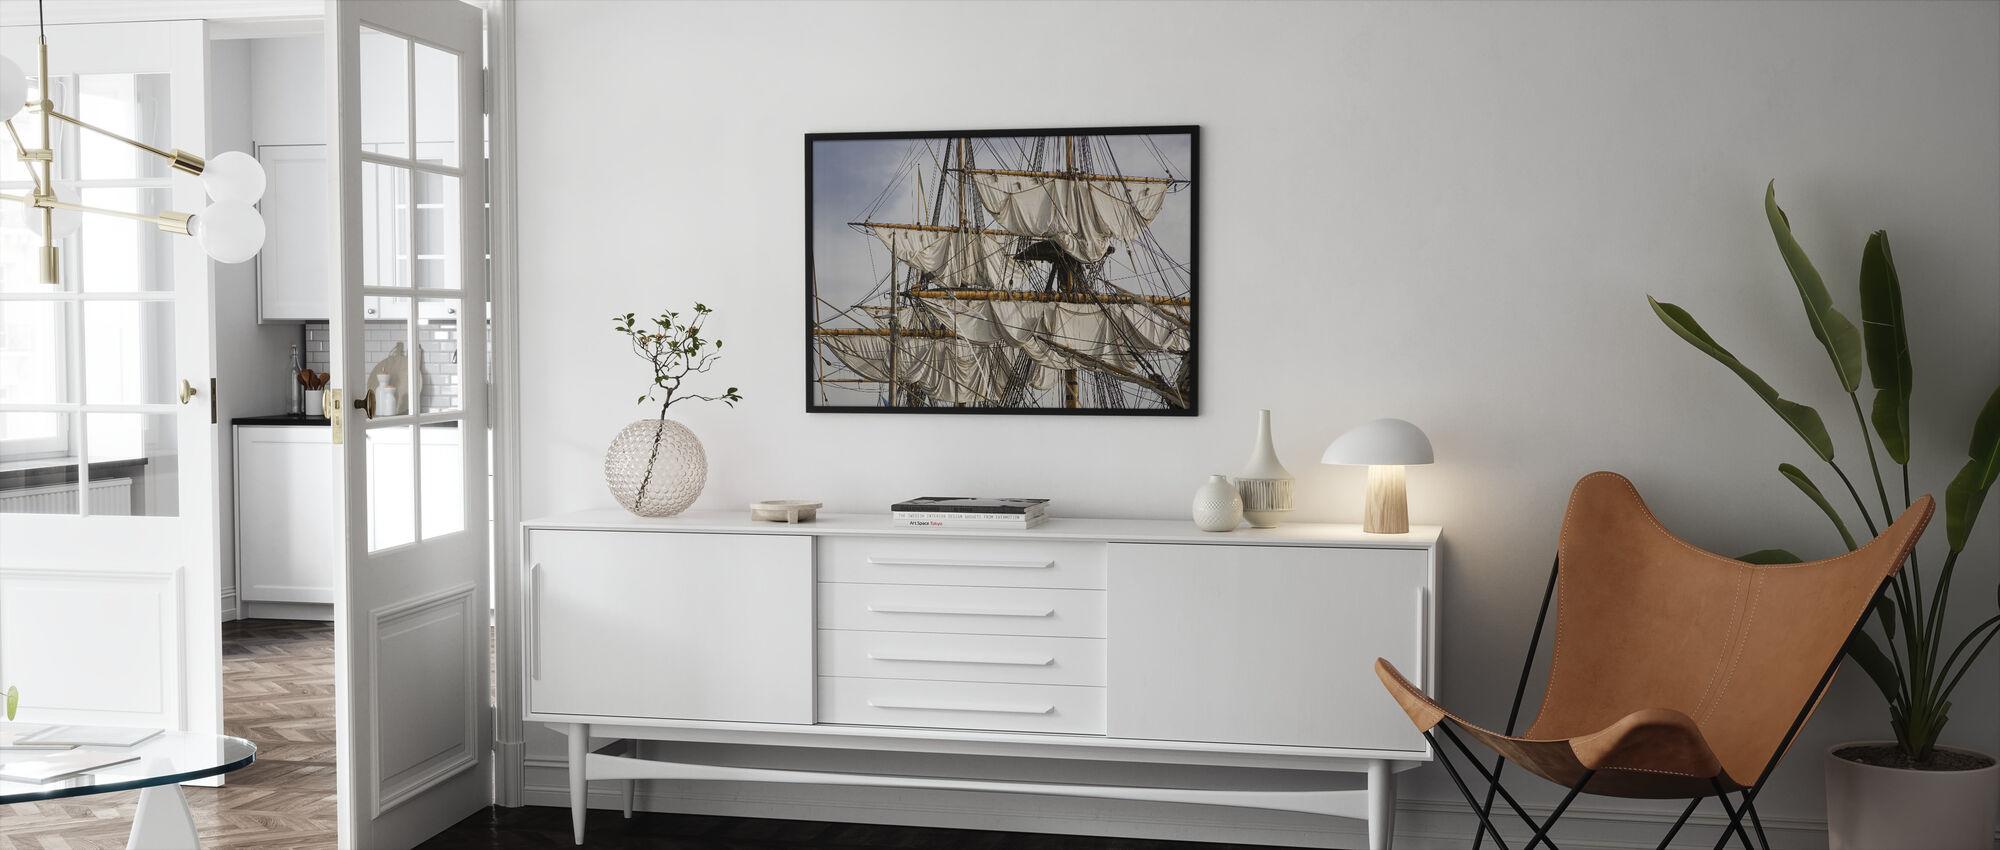 Zeilschip - Ingelijste print - Woonkamer